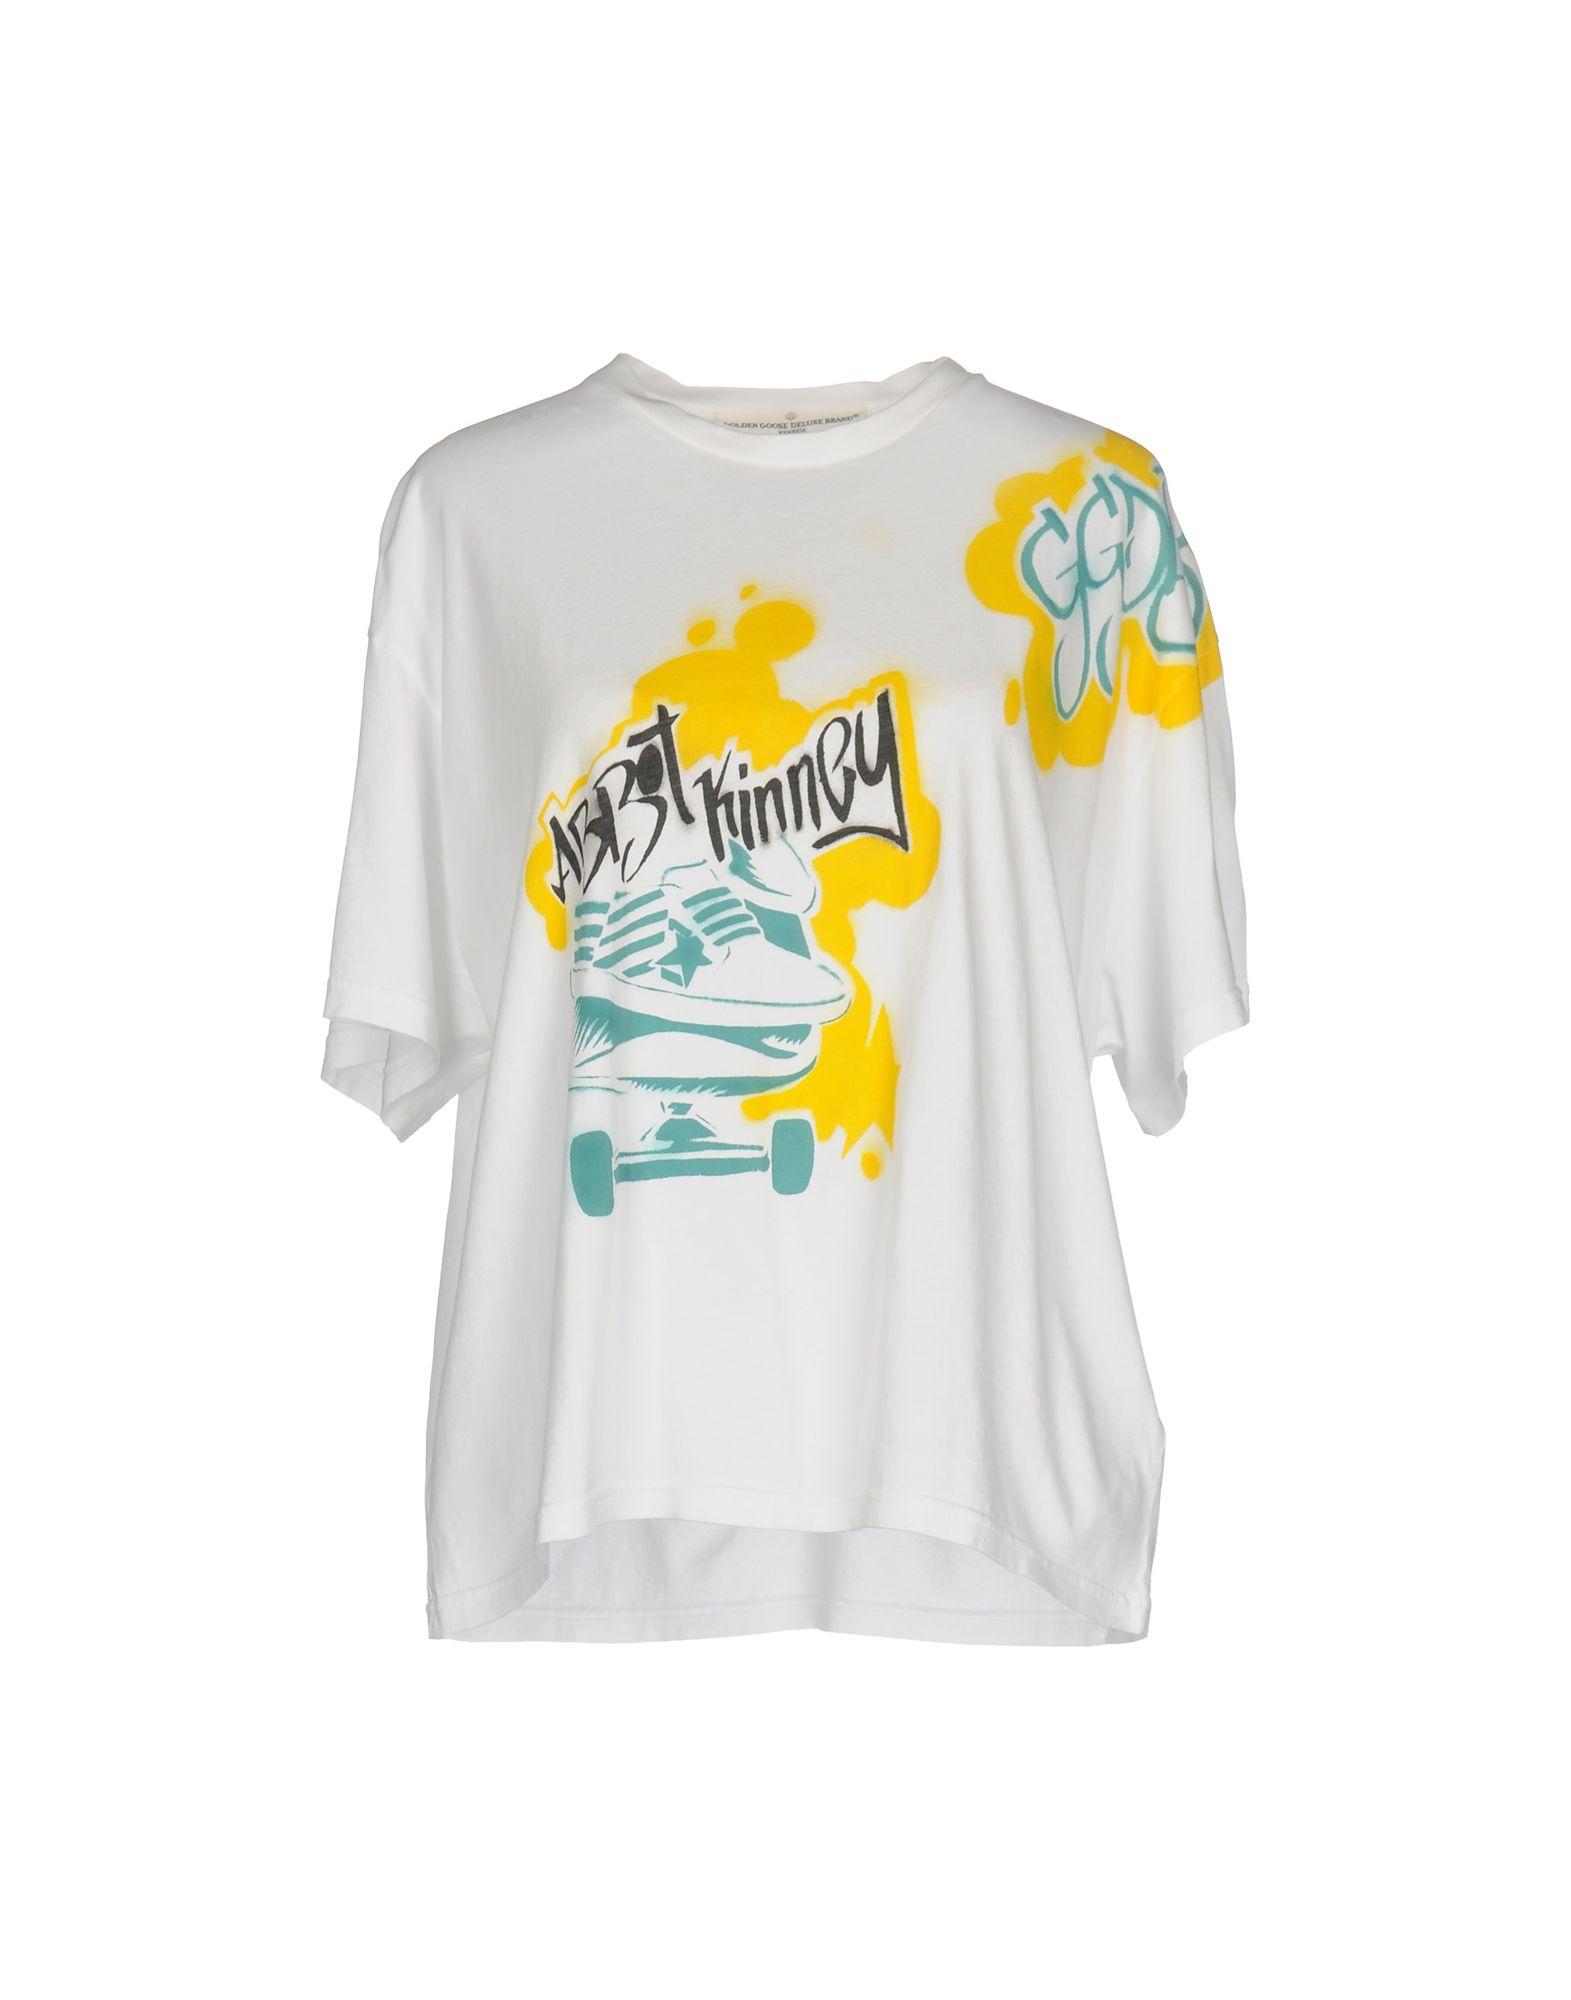 GOLDEN GOOSE DELUXE BRAND Damen T-shirts Farbe Weiß Größe 4 jetztbilligerkaufen